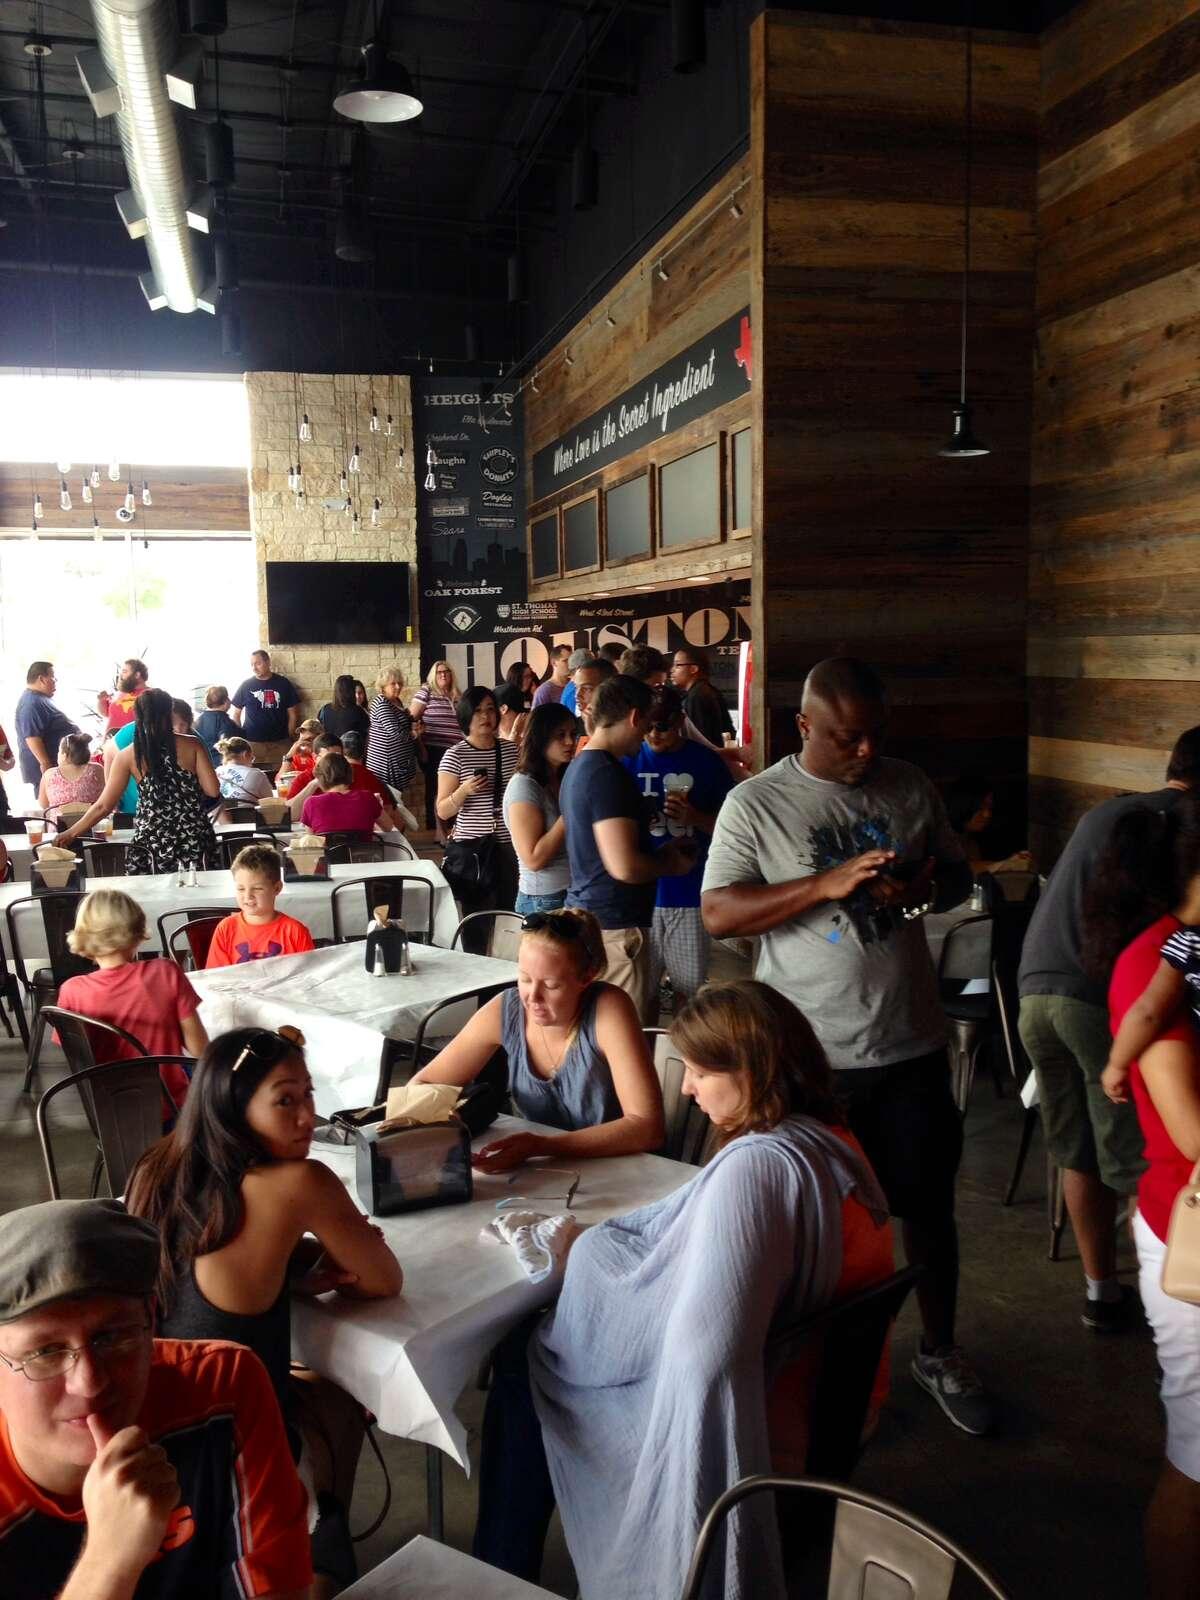 The crowd inside Gatlin's BBQ on Ella